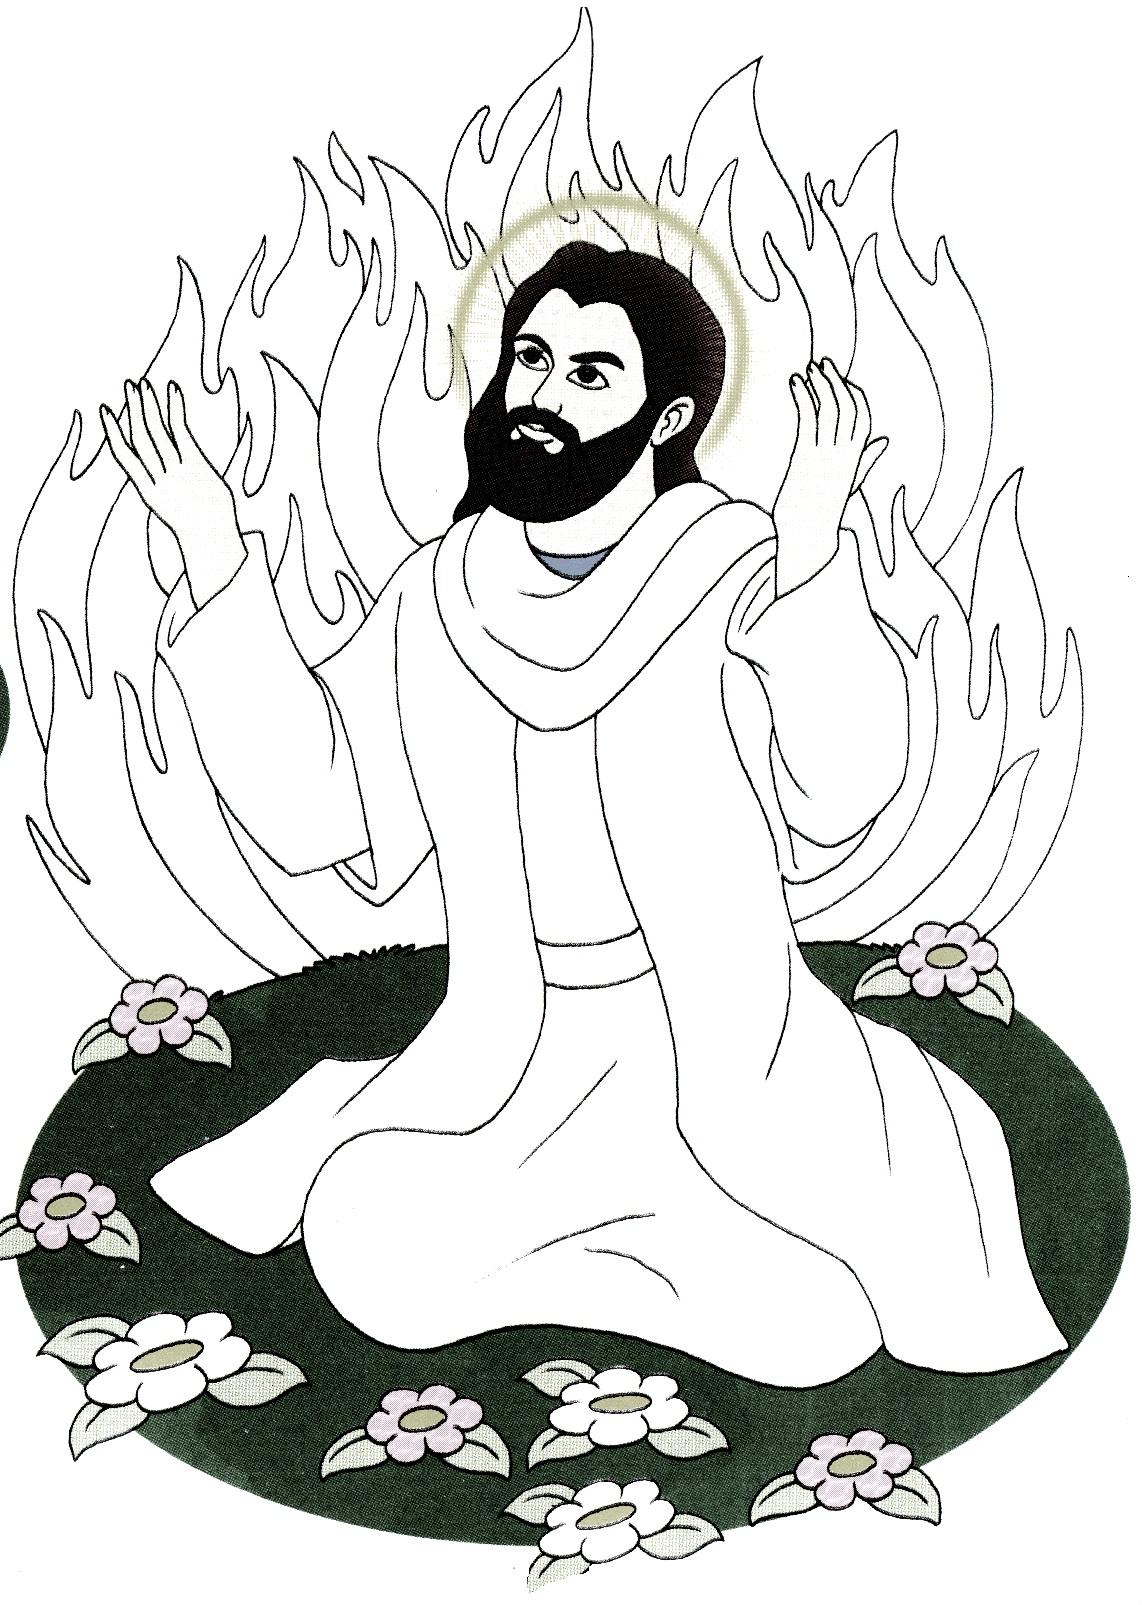 رنگ آمیزی داستان حضرت ابراهیم ع